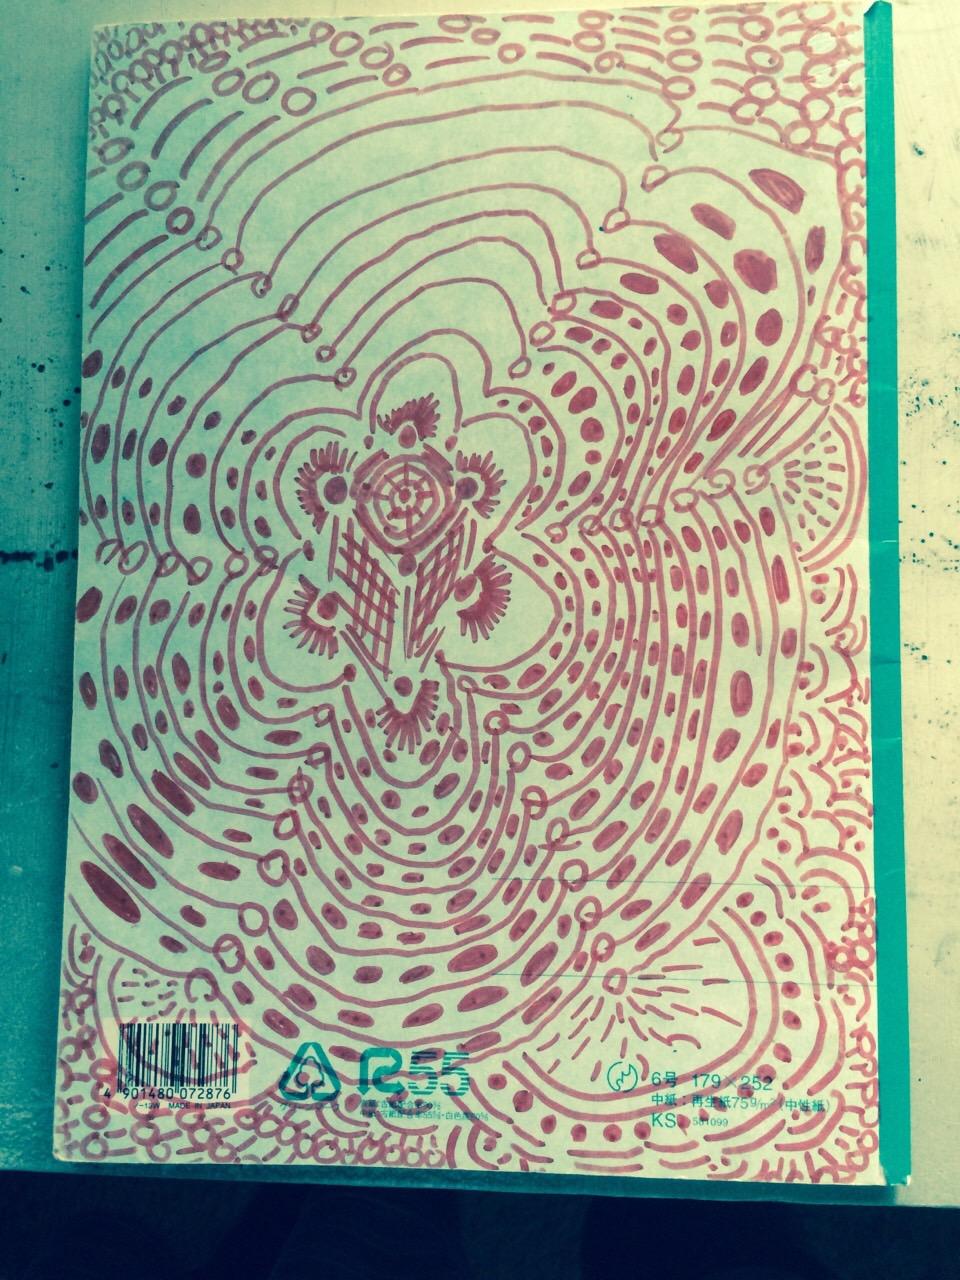 『ロビン西の描き捨てノートマンガ2004ー2014』第11回